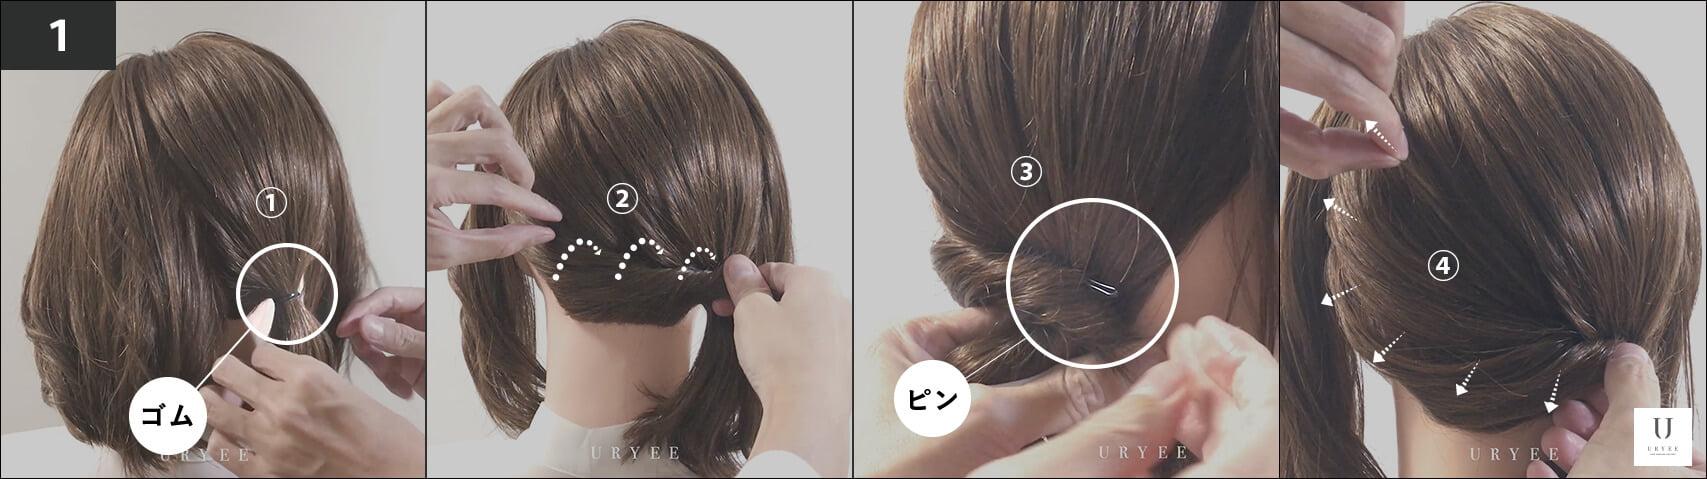 肩につく髪がはねる際におすすめのハーフアップアレンジ